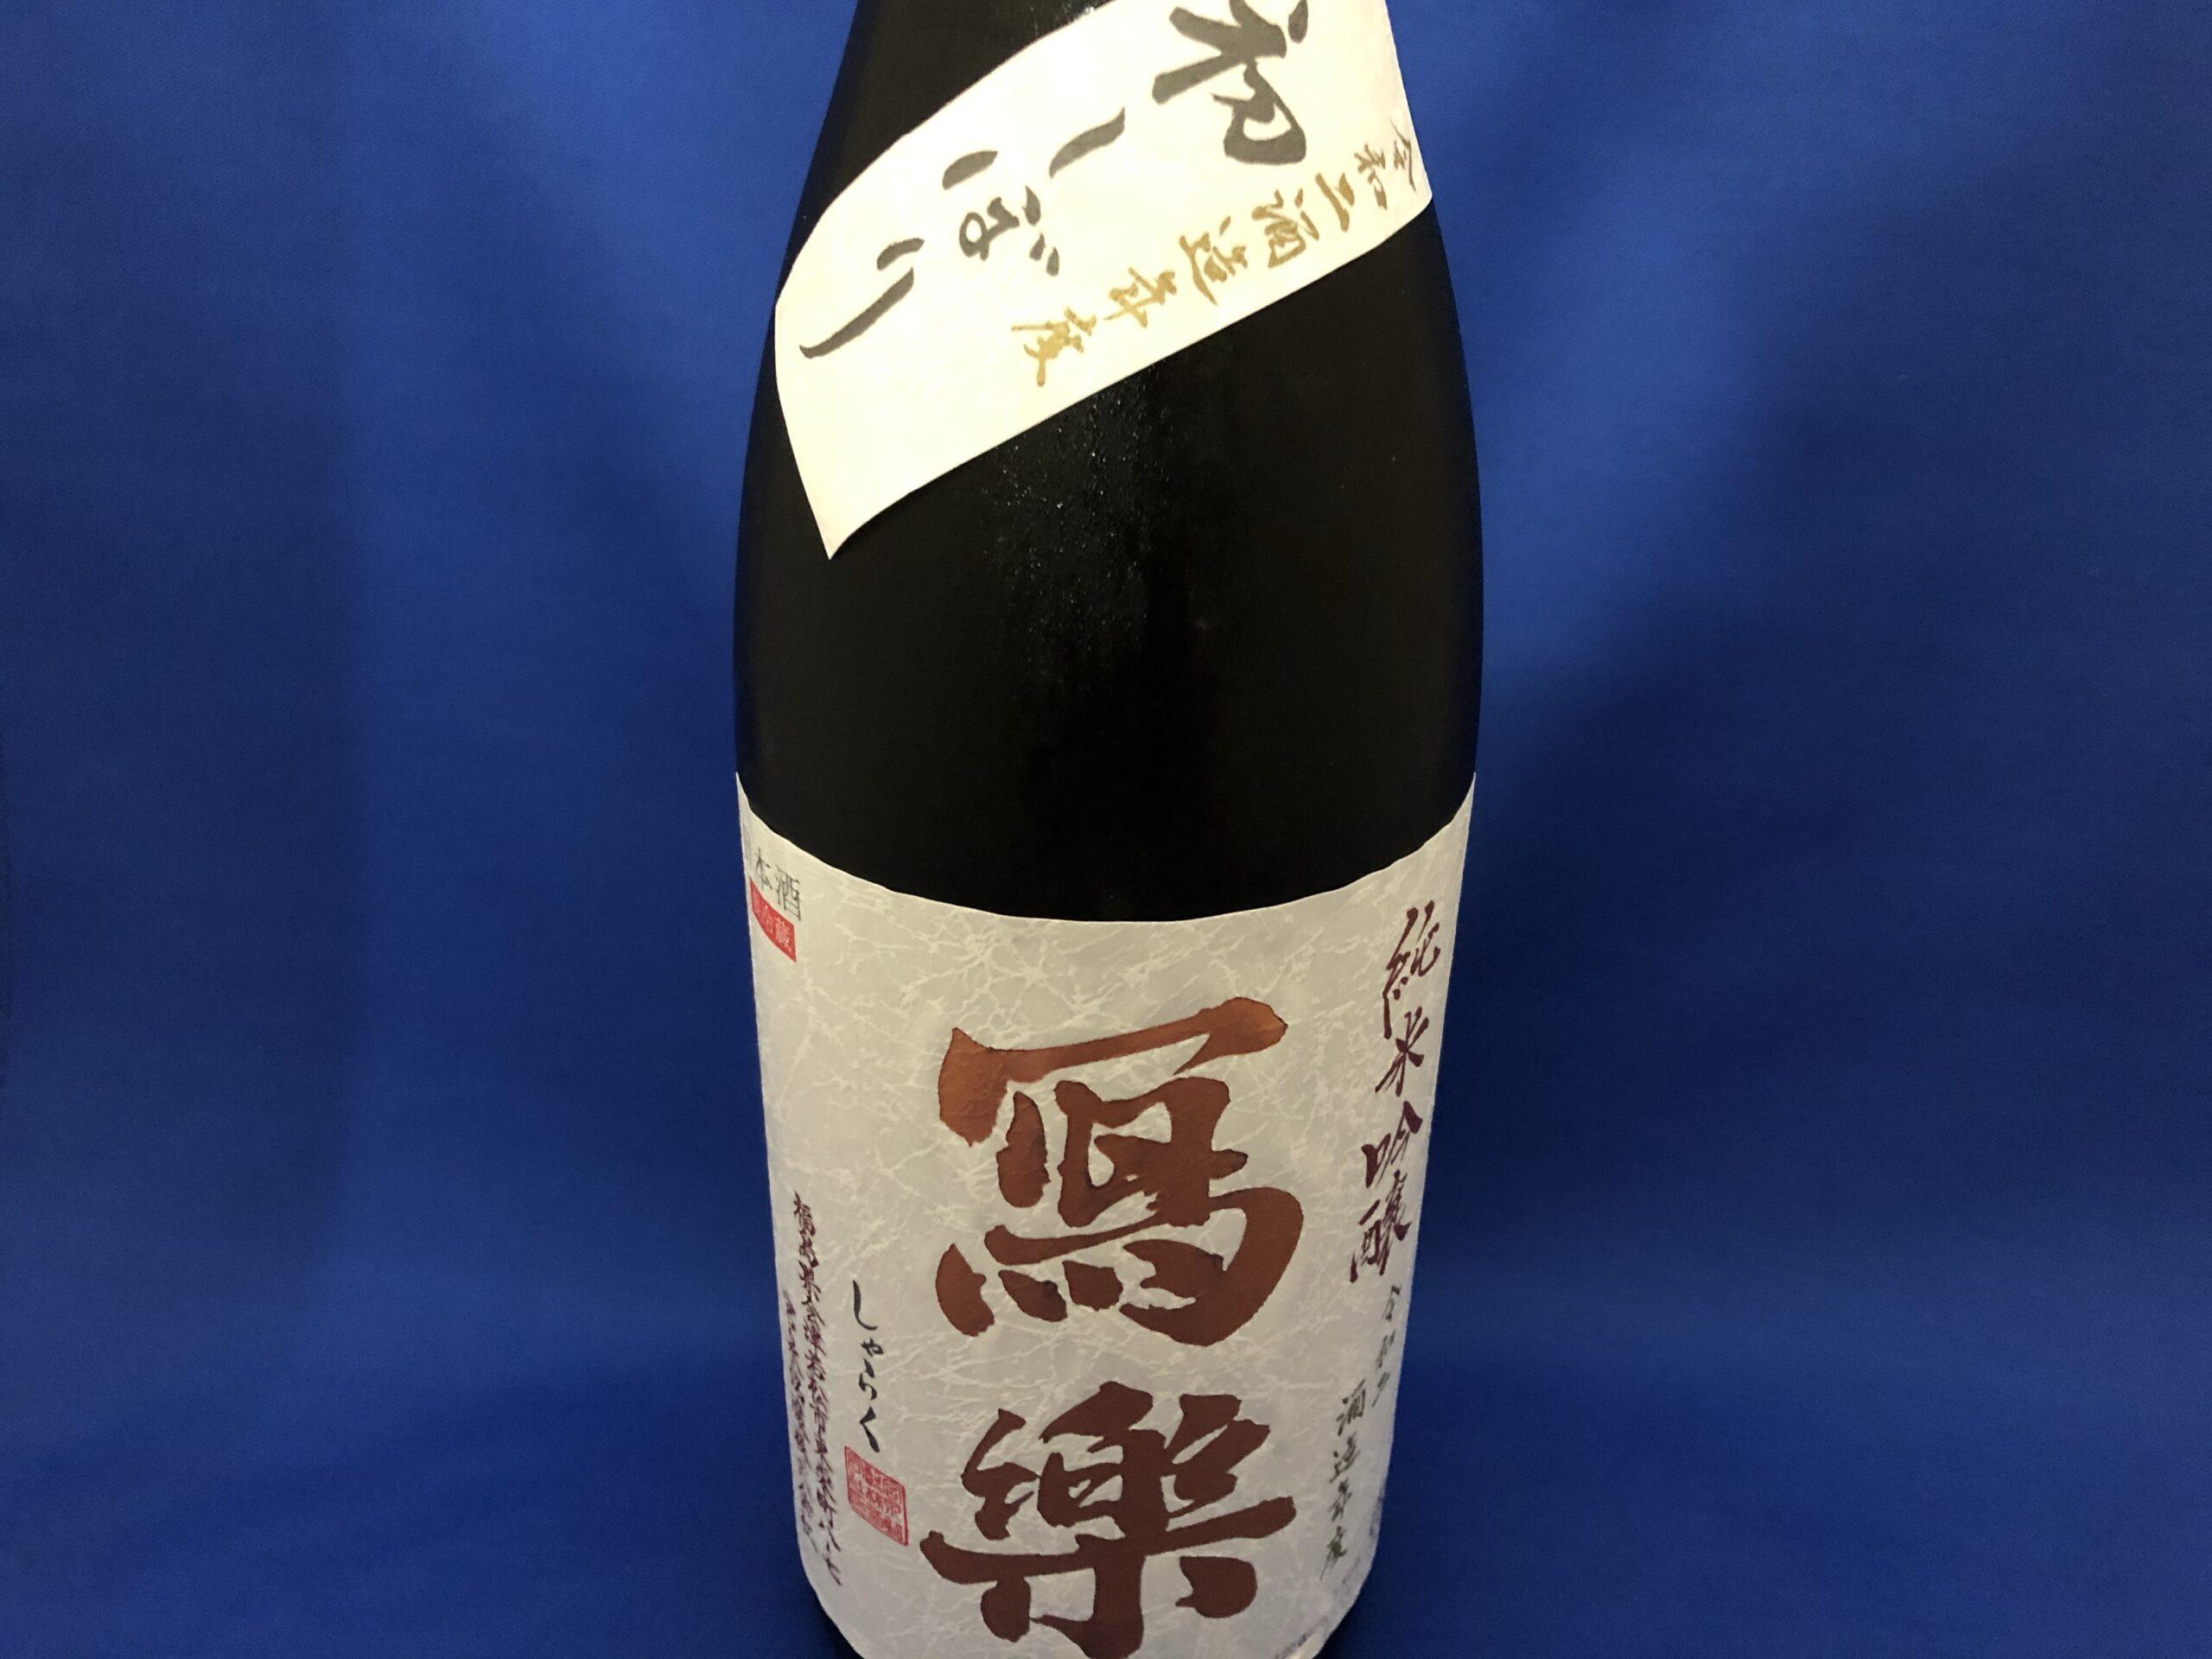 「写楽」純米吟醸 初しぼり!華やかな香りと搾りたての爽快感